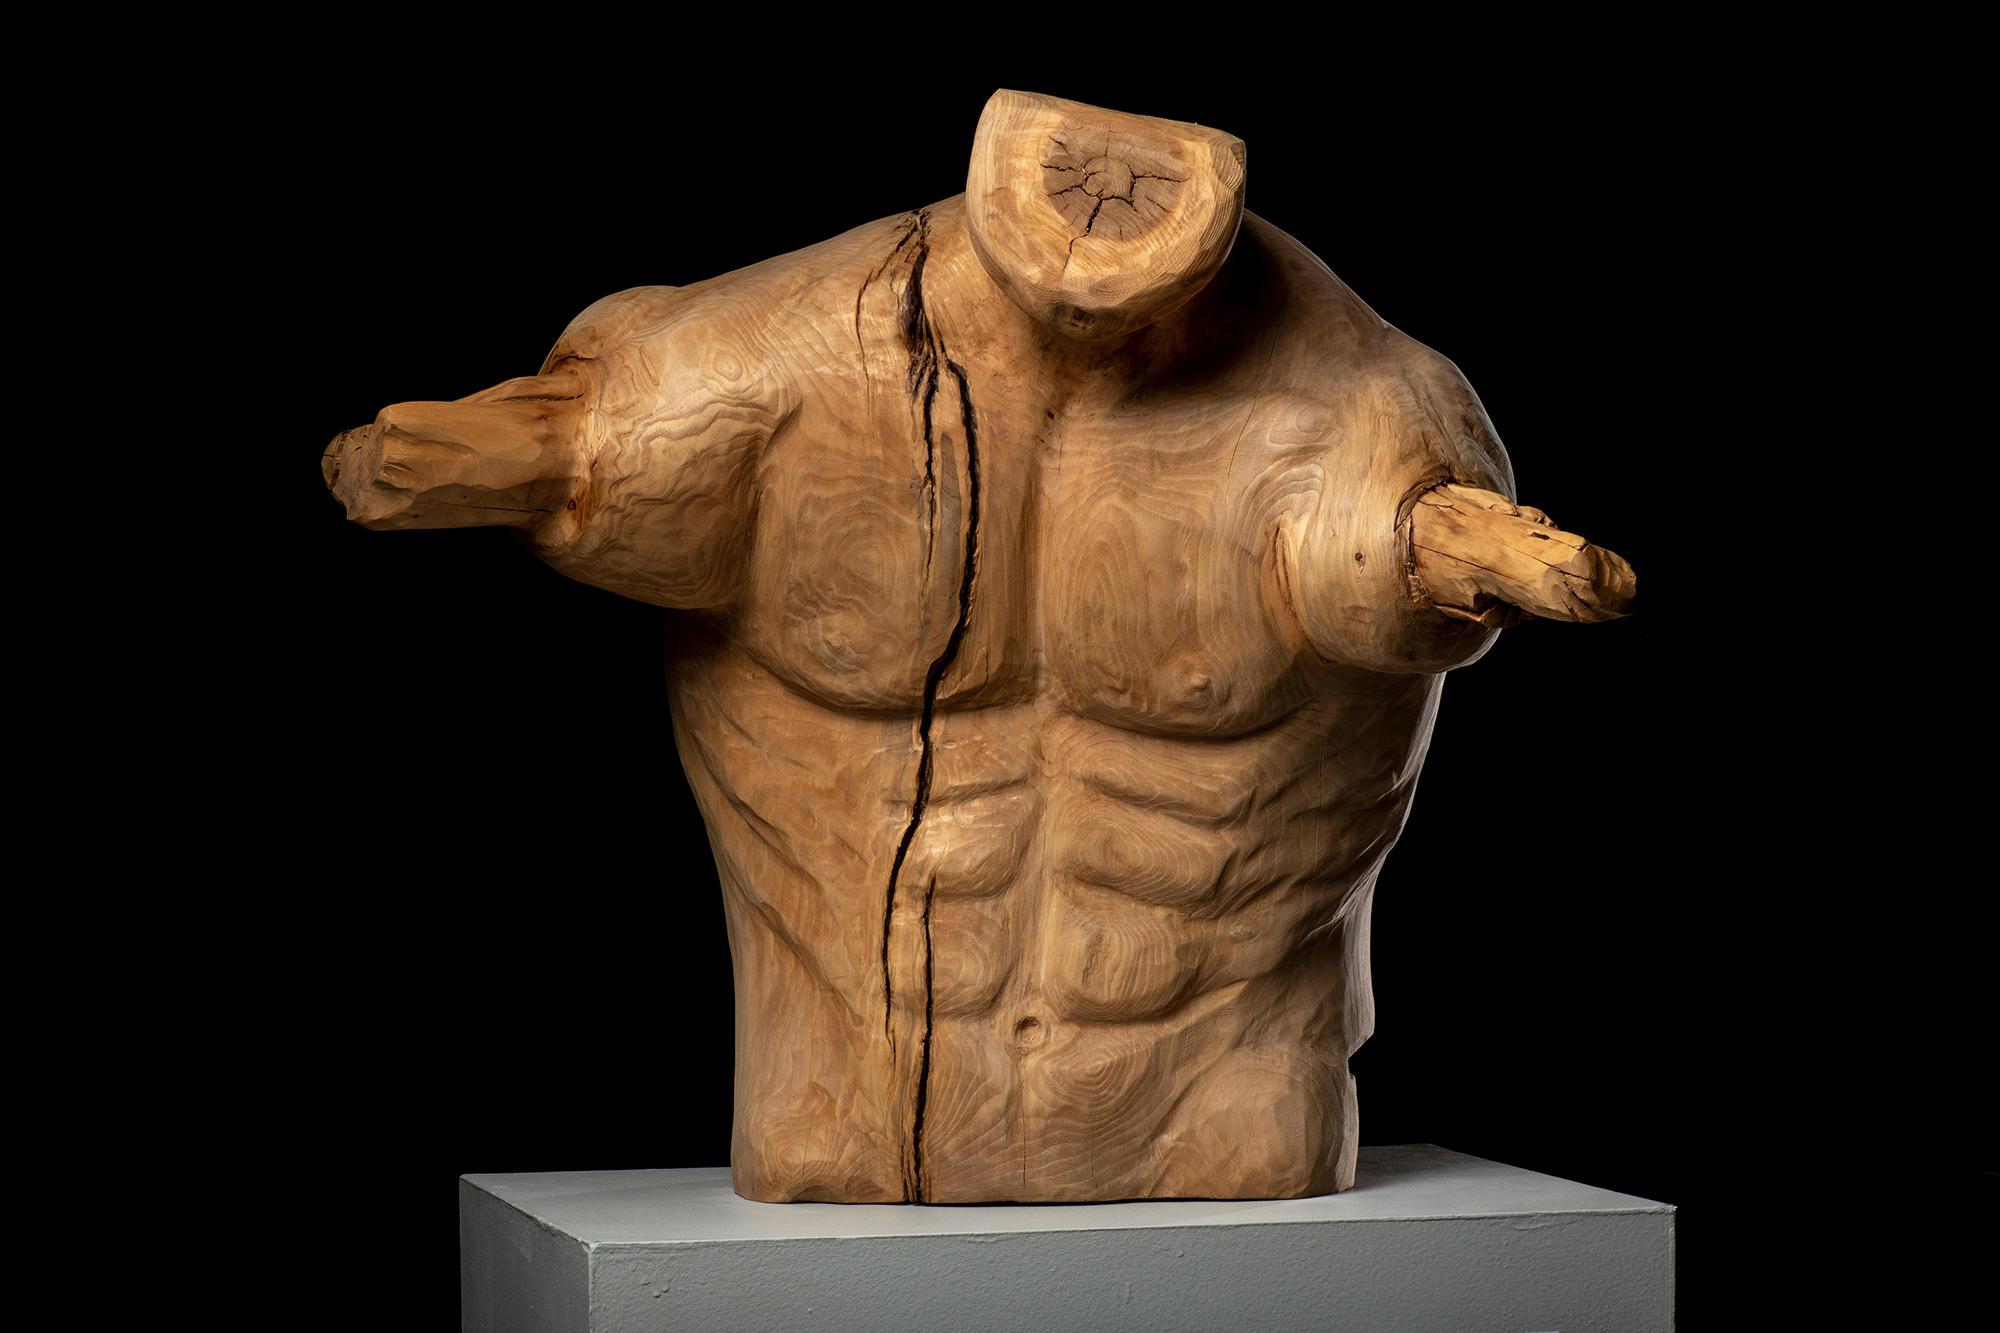 Natural Limbs: The man by Deborah Heyden [Wood Sculpture, 2017]